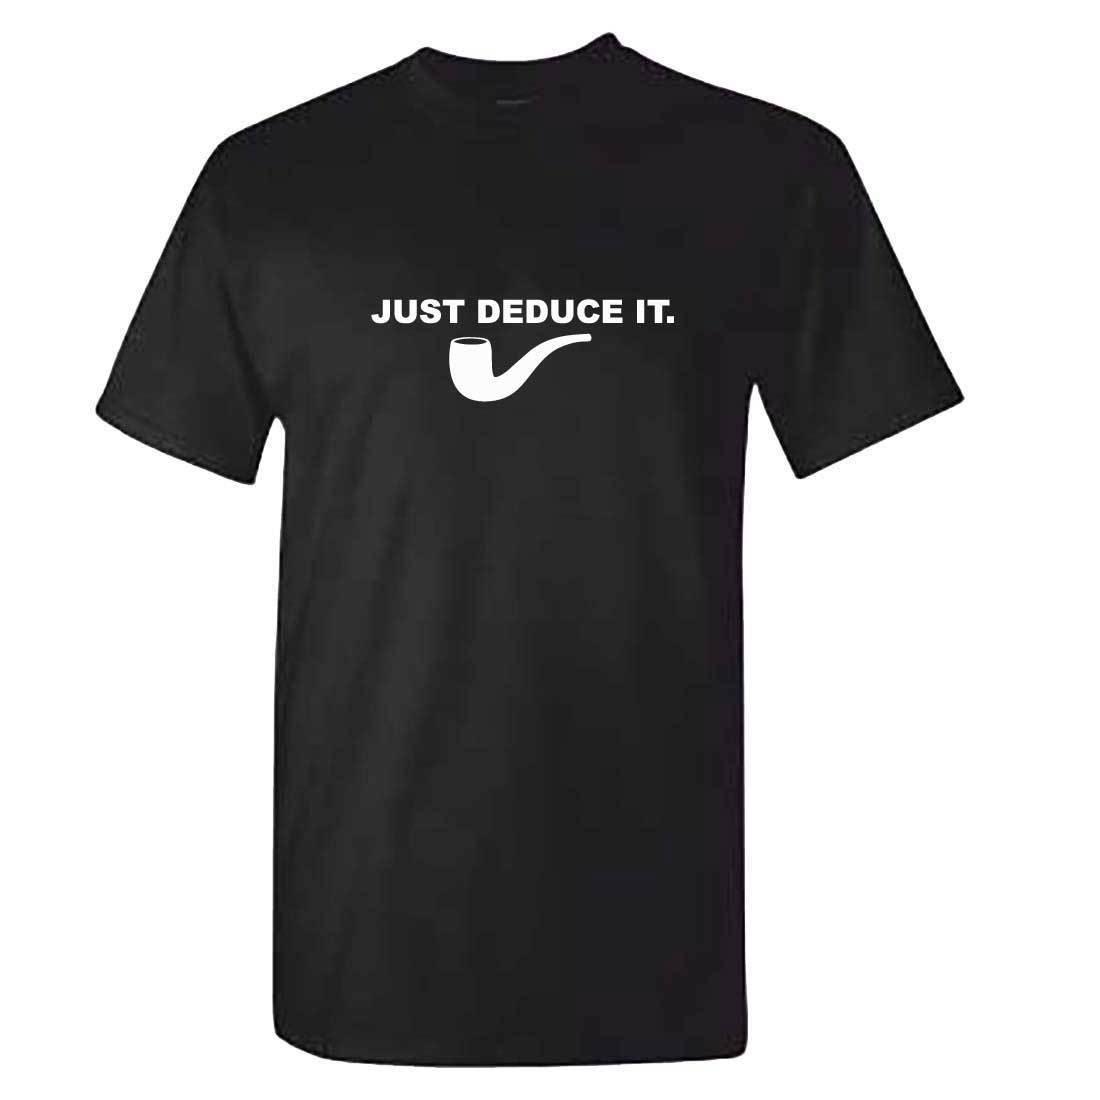 0c0841a881f ... tee 2019 caliente camisetas. Cheap Sólo deducir hombres chicos Sherlock  Holmes Benedict Cumberbatch TV DVD verano Cuello o Camiseta barato